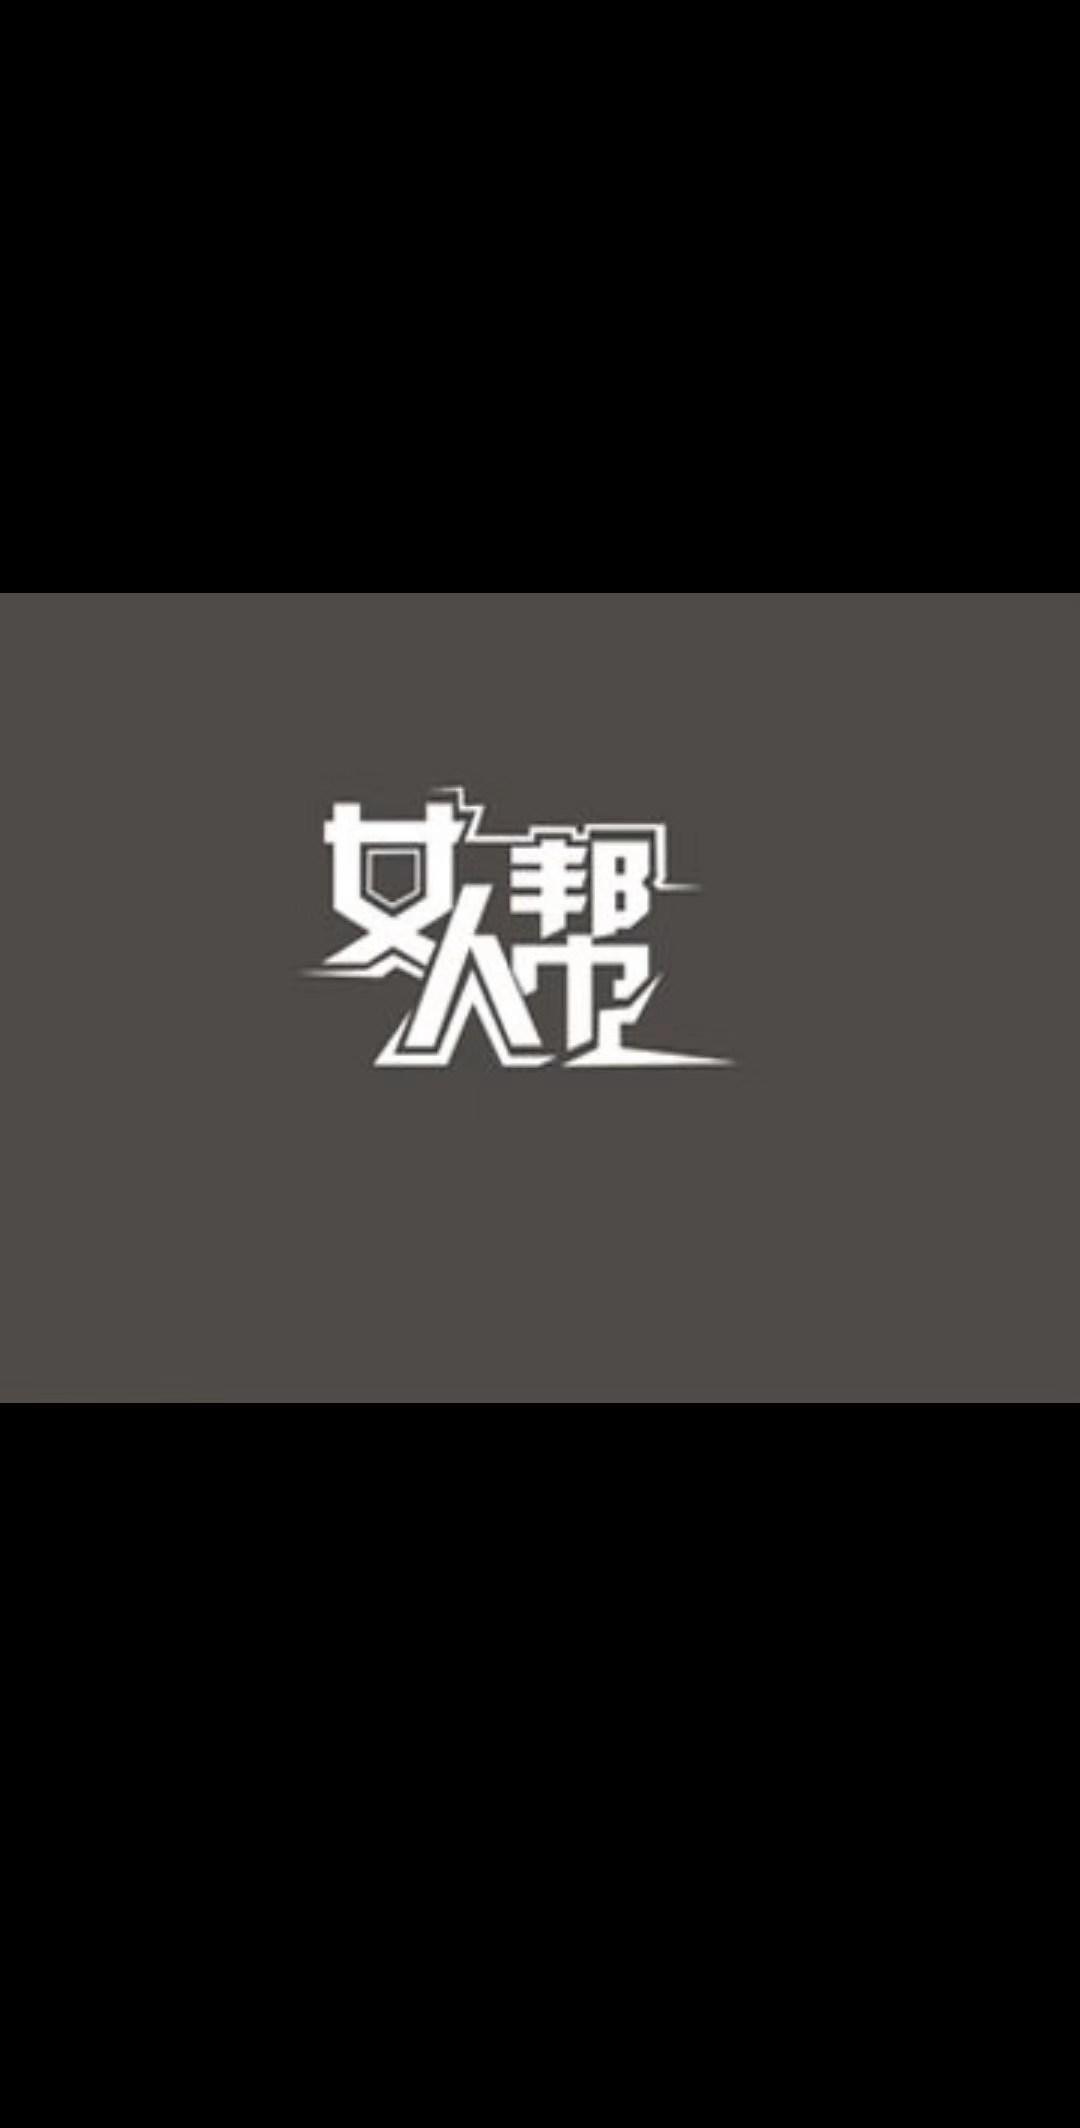 深圳市女人帮家政服务有限公司